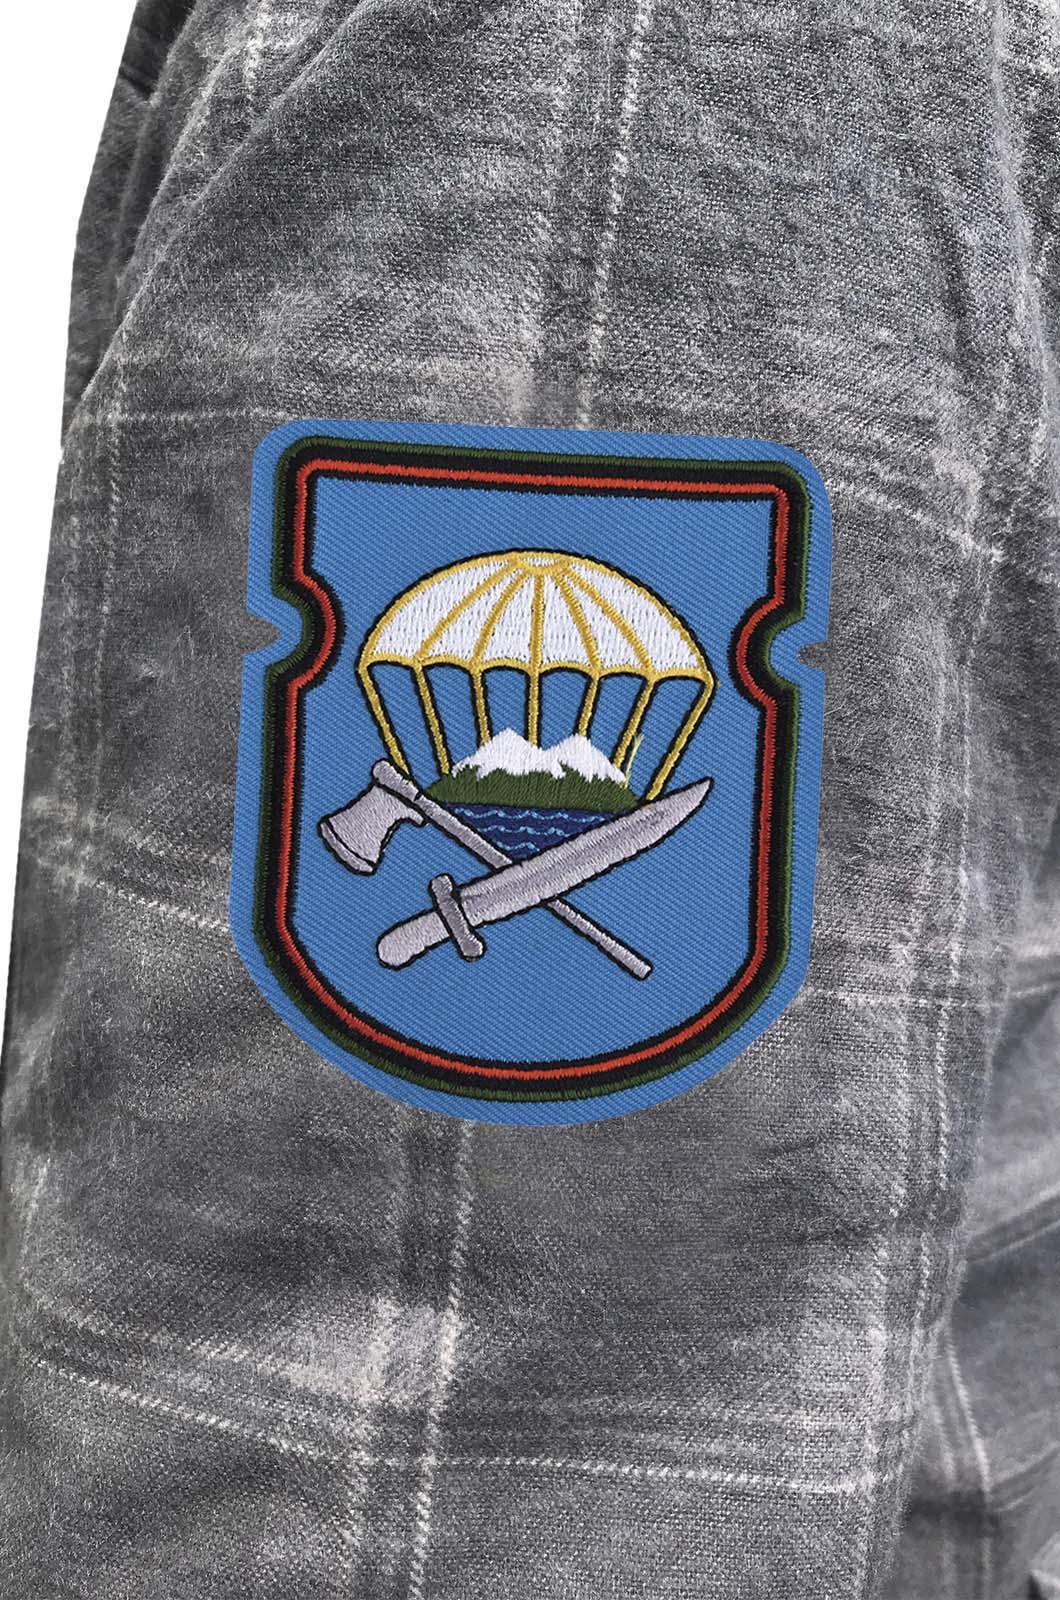 Строгая рубашка с вышитым шевроном 629-й ОИСБ 7-ой ДШД - купить выгодно